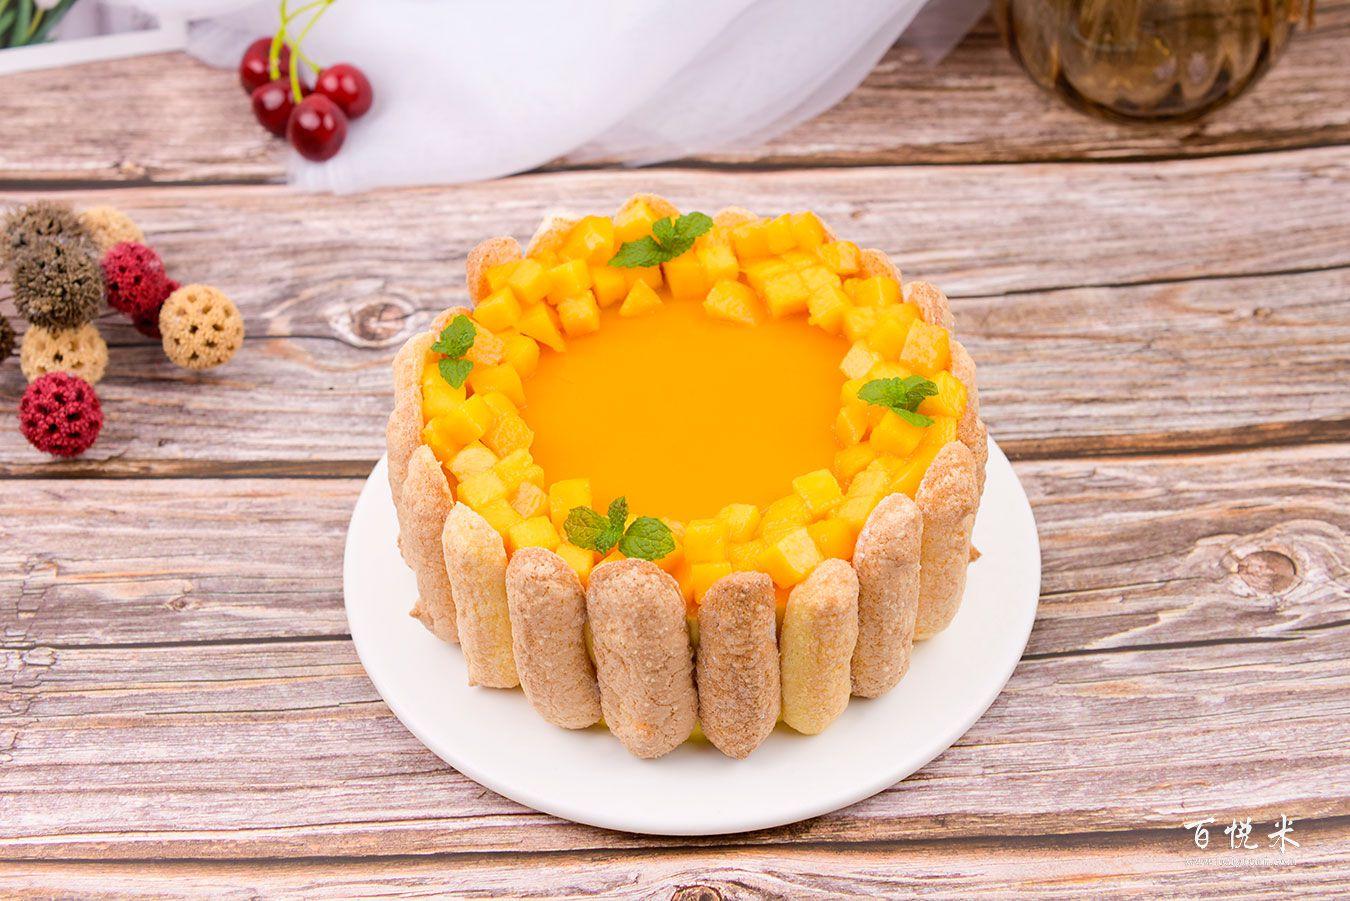 芒果夏洛特蛋糕高清图片大全【蛋糕图片】_462